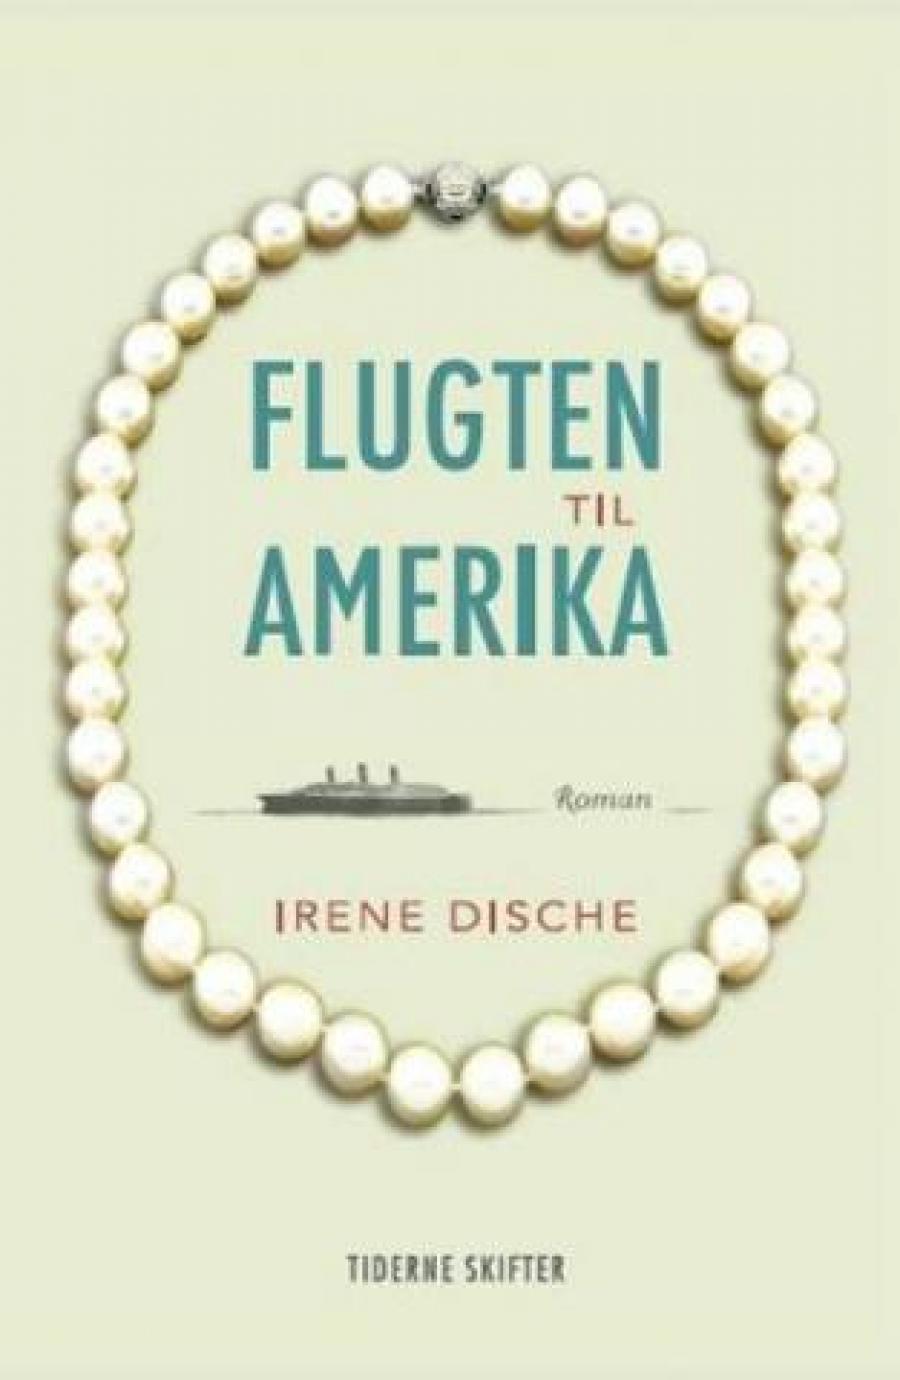 Flugten til Amerika af Irene Dische